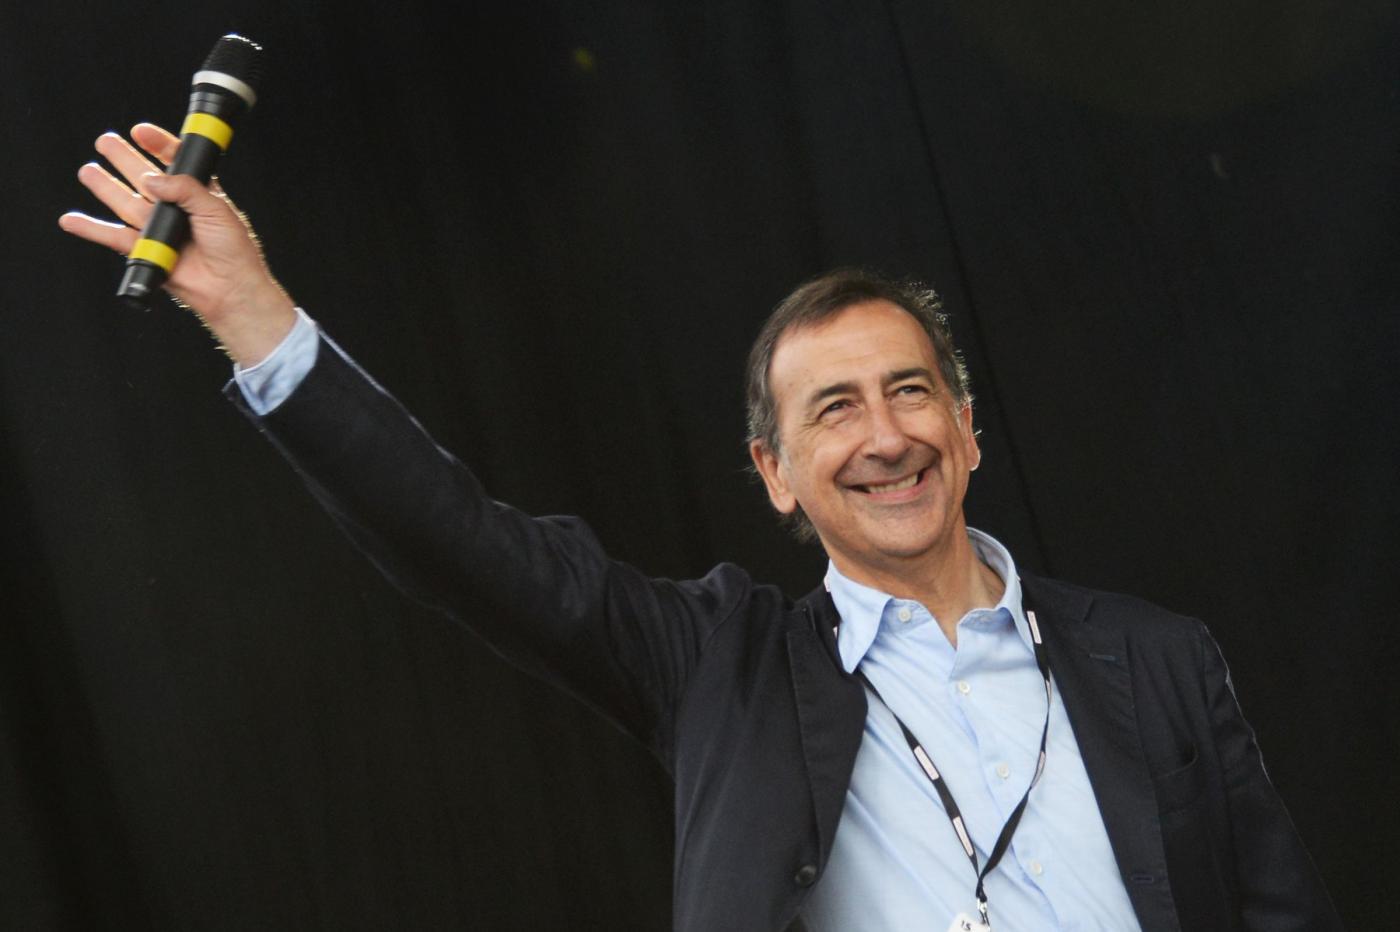 Ballottaggio Milano 2016: Beppe Sala è il nuovo sindaco di centrosinistra